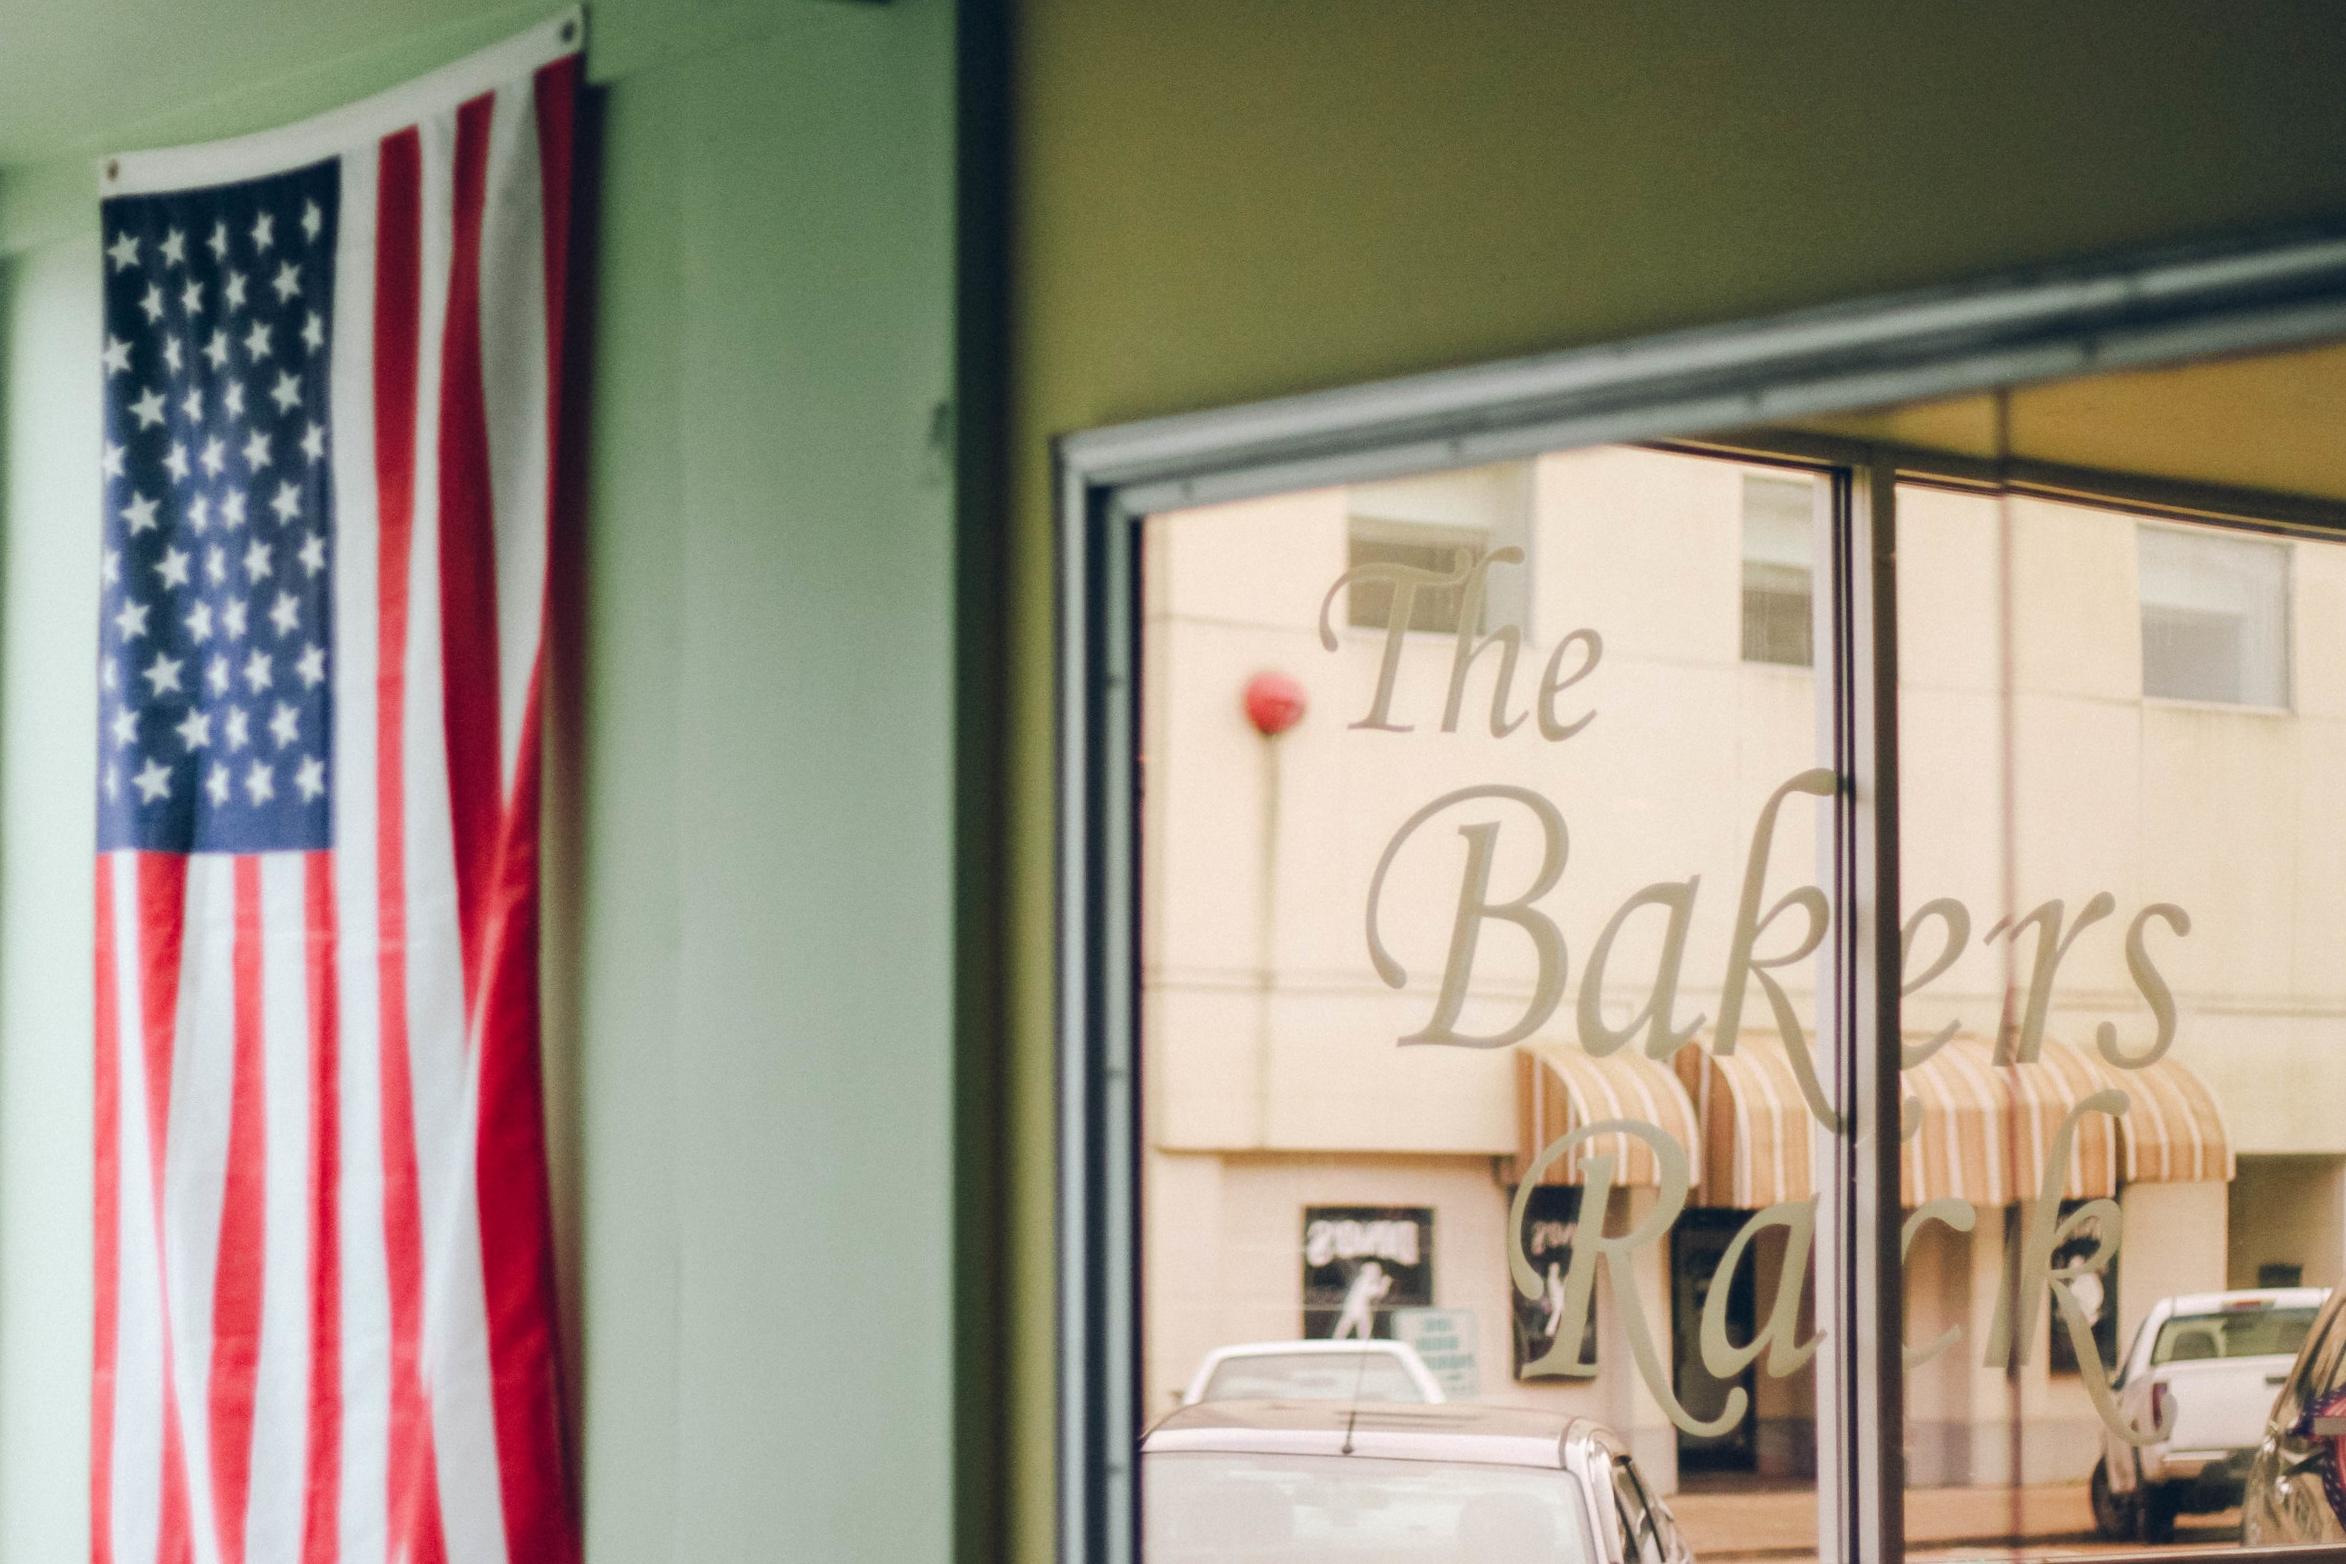 BakersRack-21.jpg